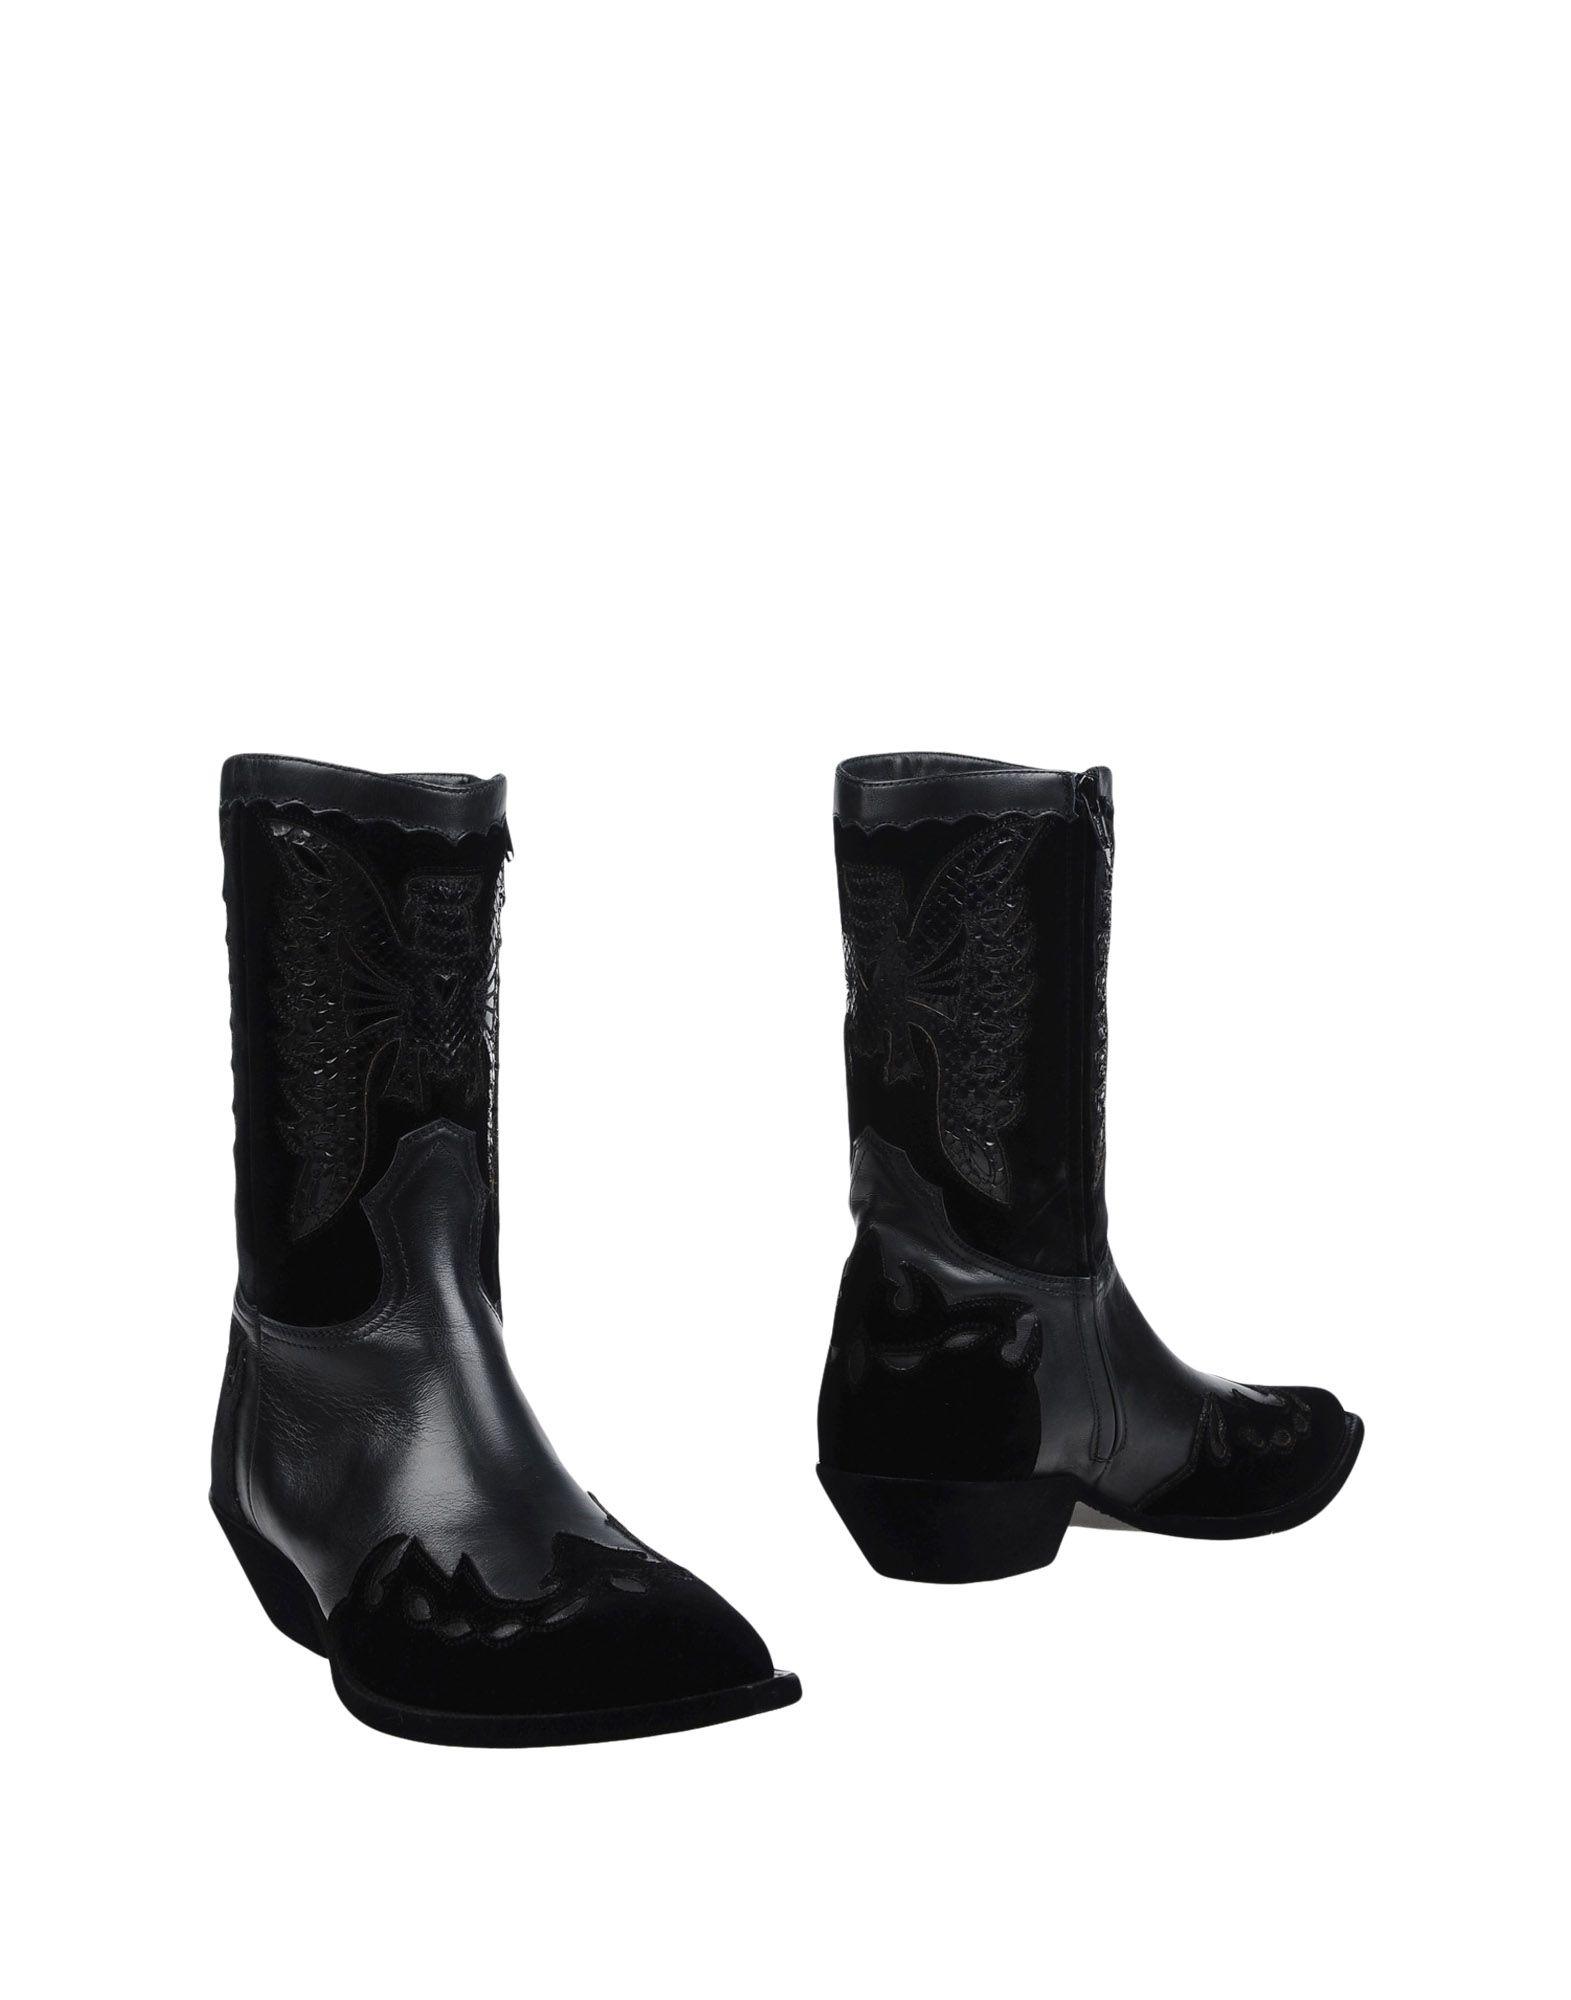 Givenchy Stiefelette Herren Herren Herren  11241009HC Gute Qualität beliebte Schuhe e83e24